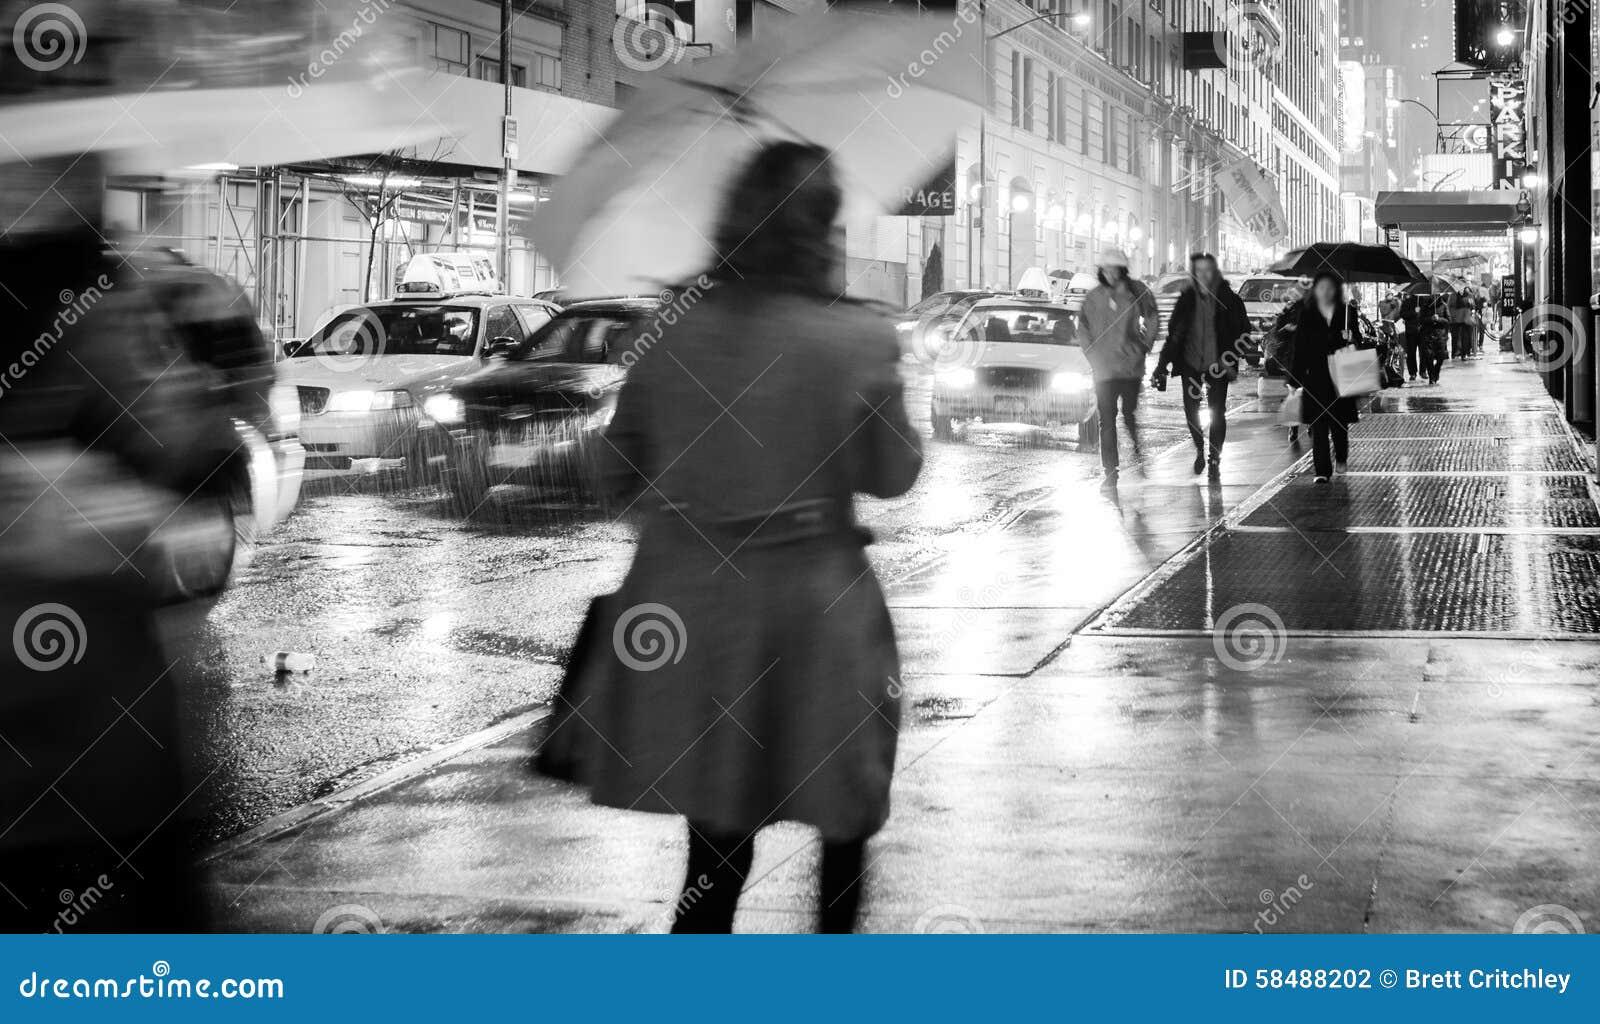 在湿城市街道上的雨